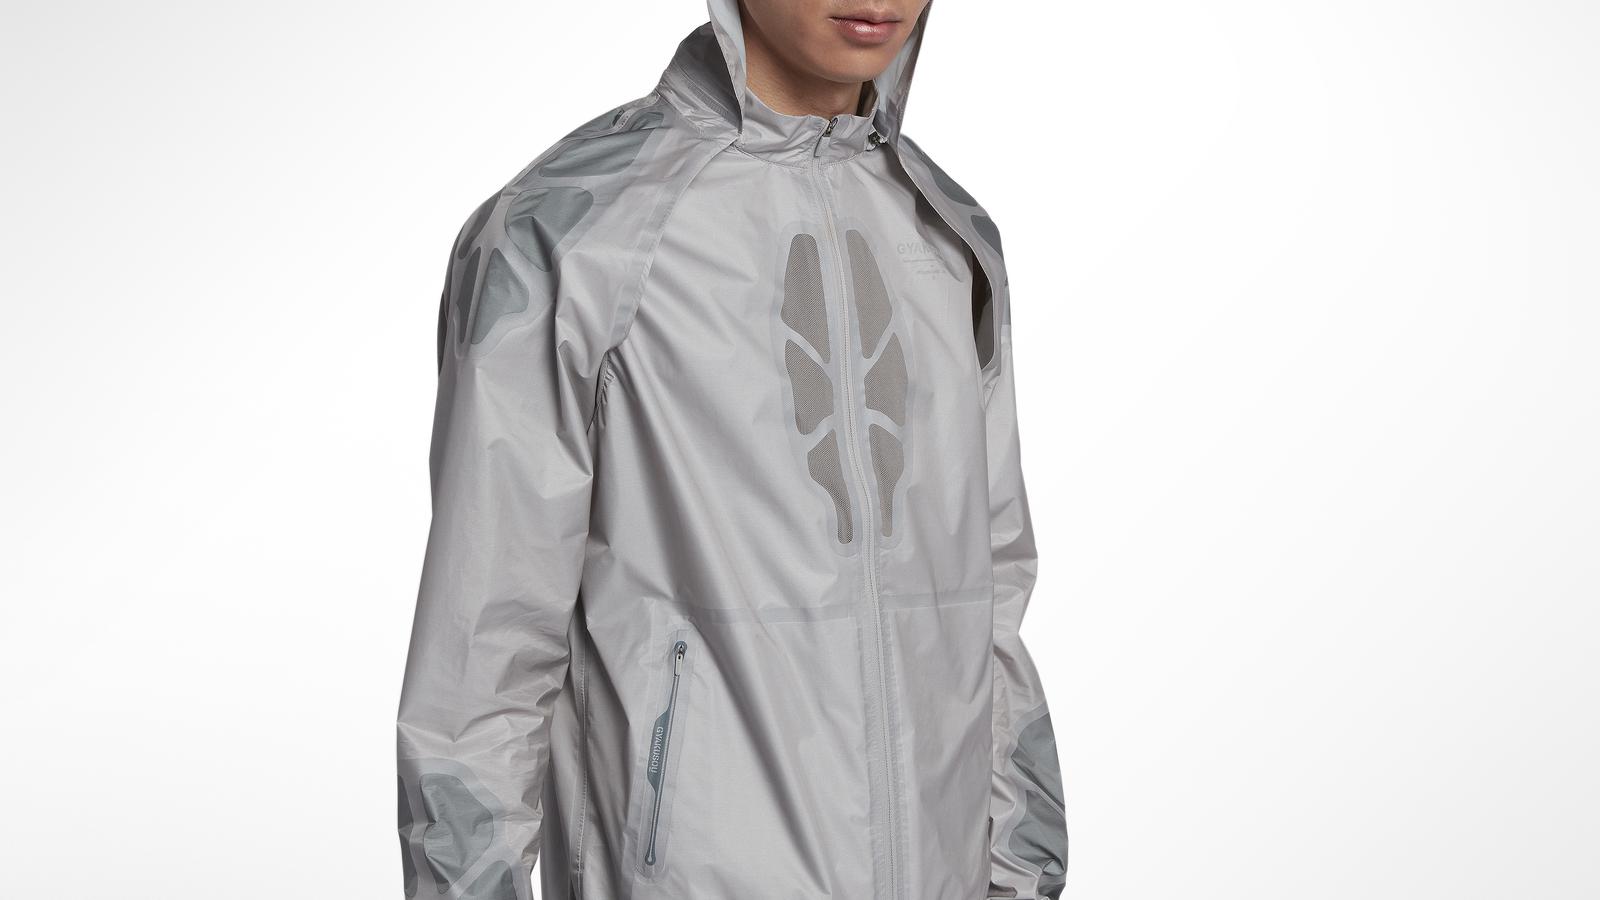 Ss 2018 gyakusou nike jacket 01 hd 1600